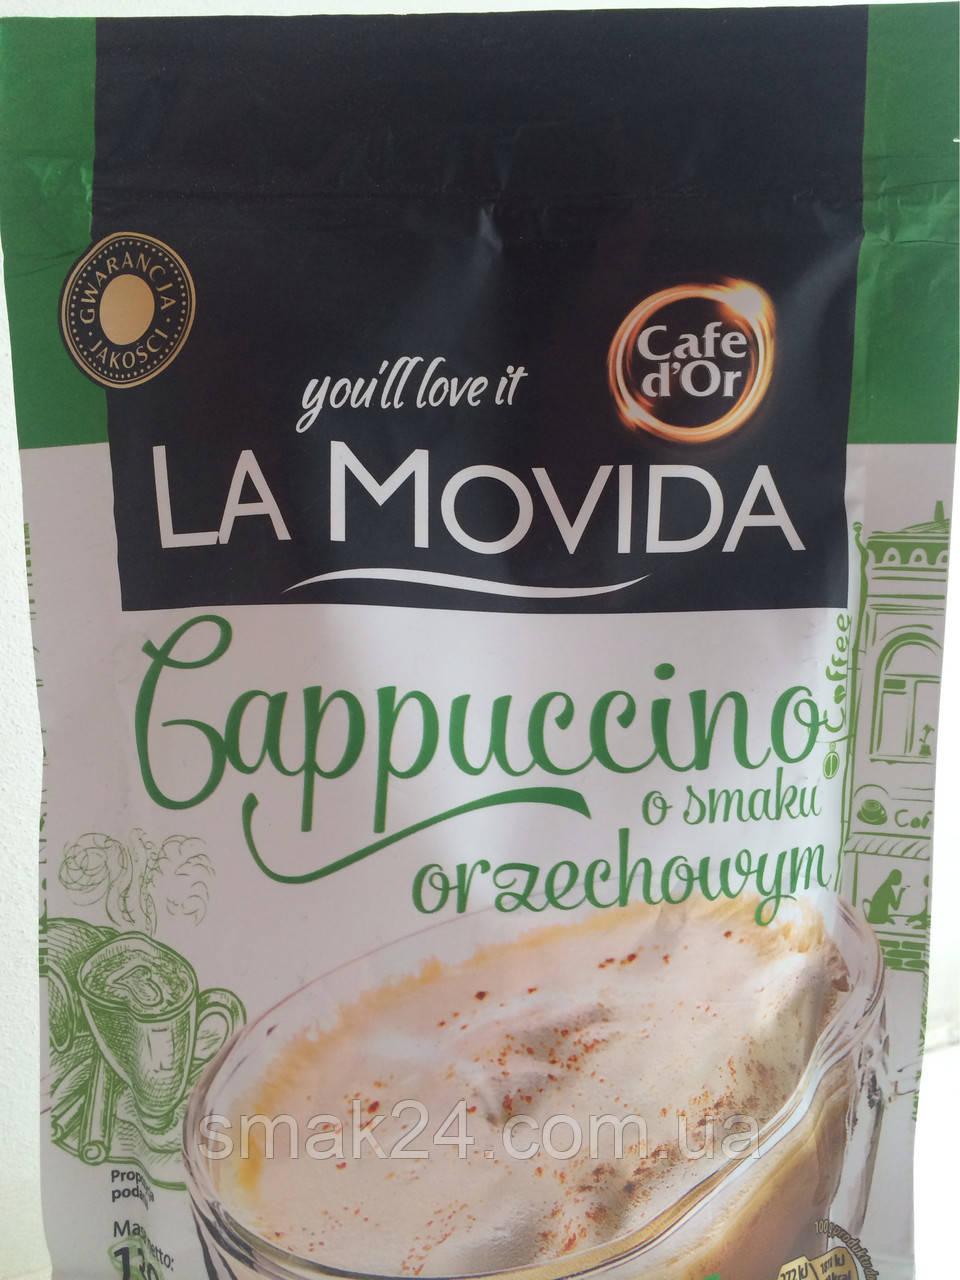 Капучино La Movida Cafe dOr с ореховым вкусом Польша 130г